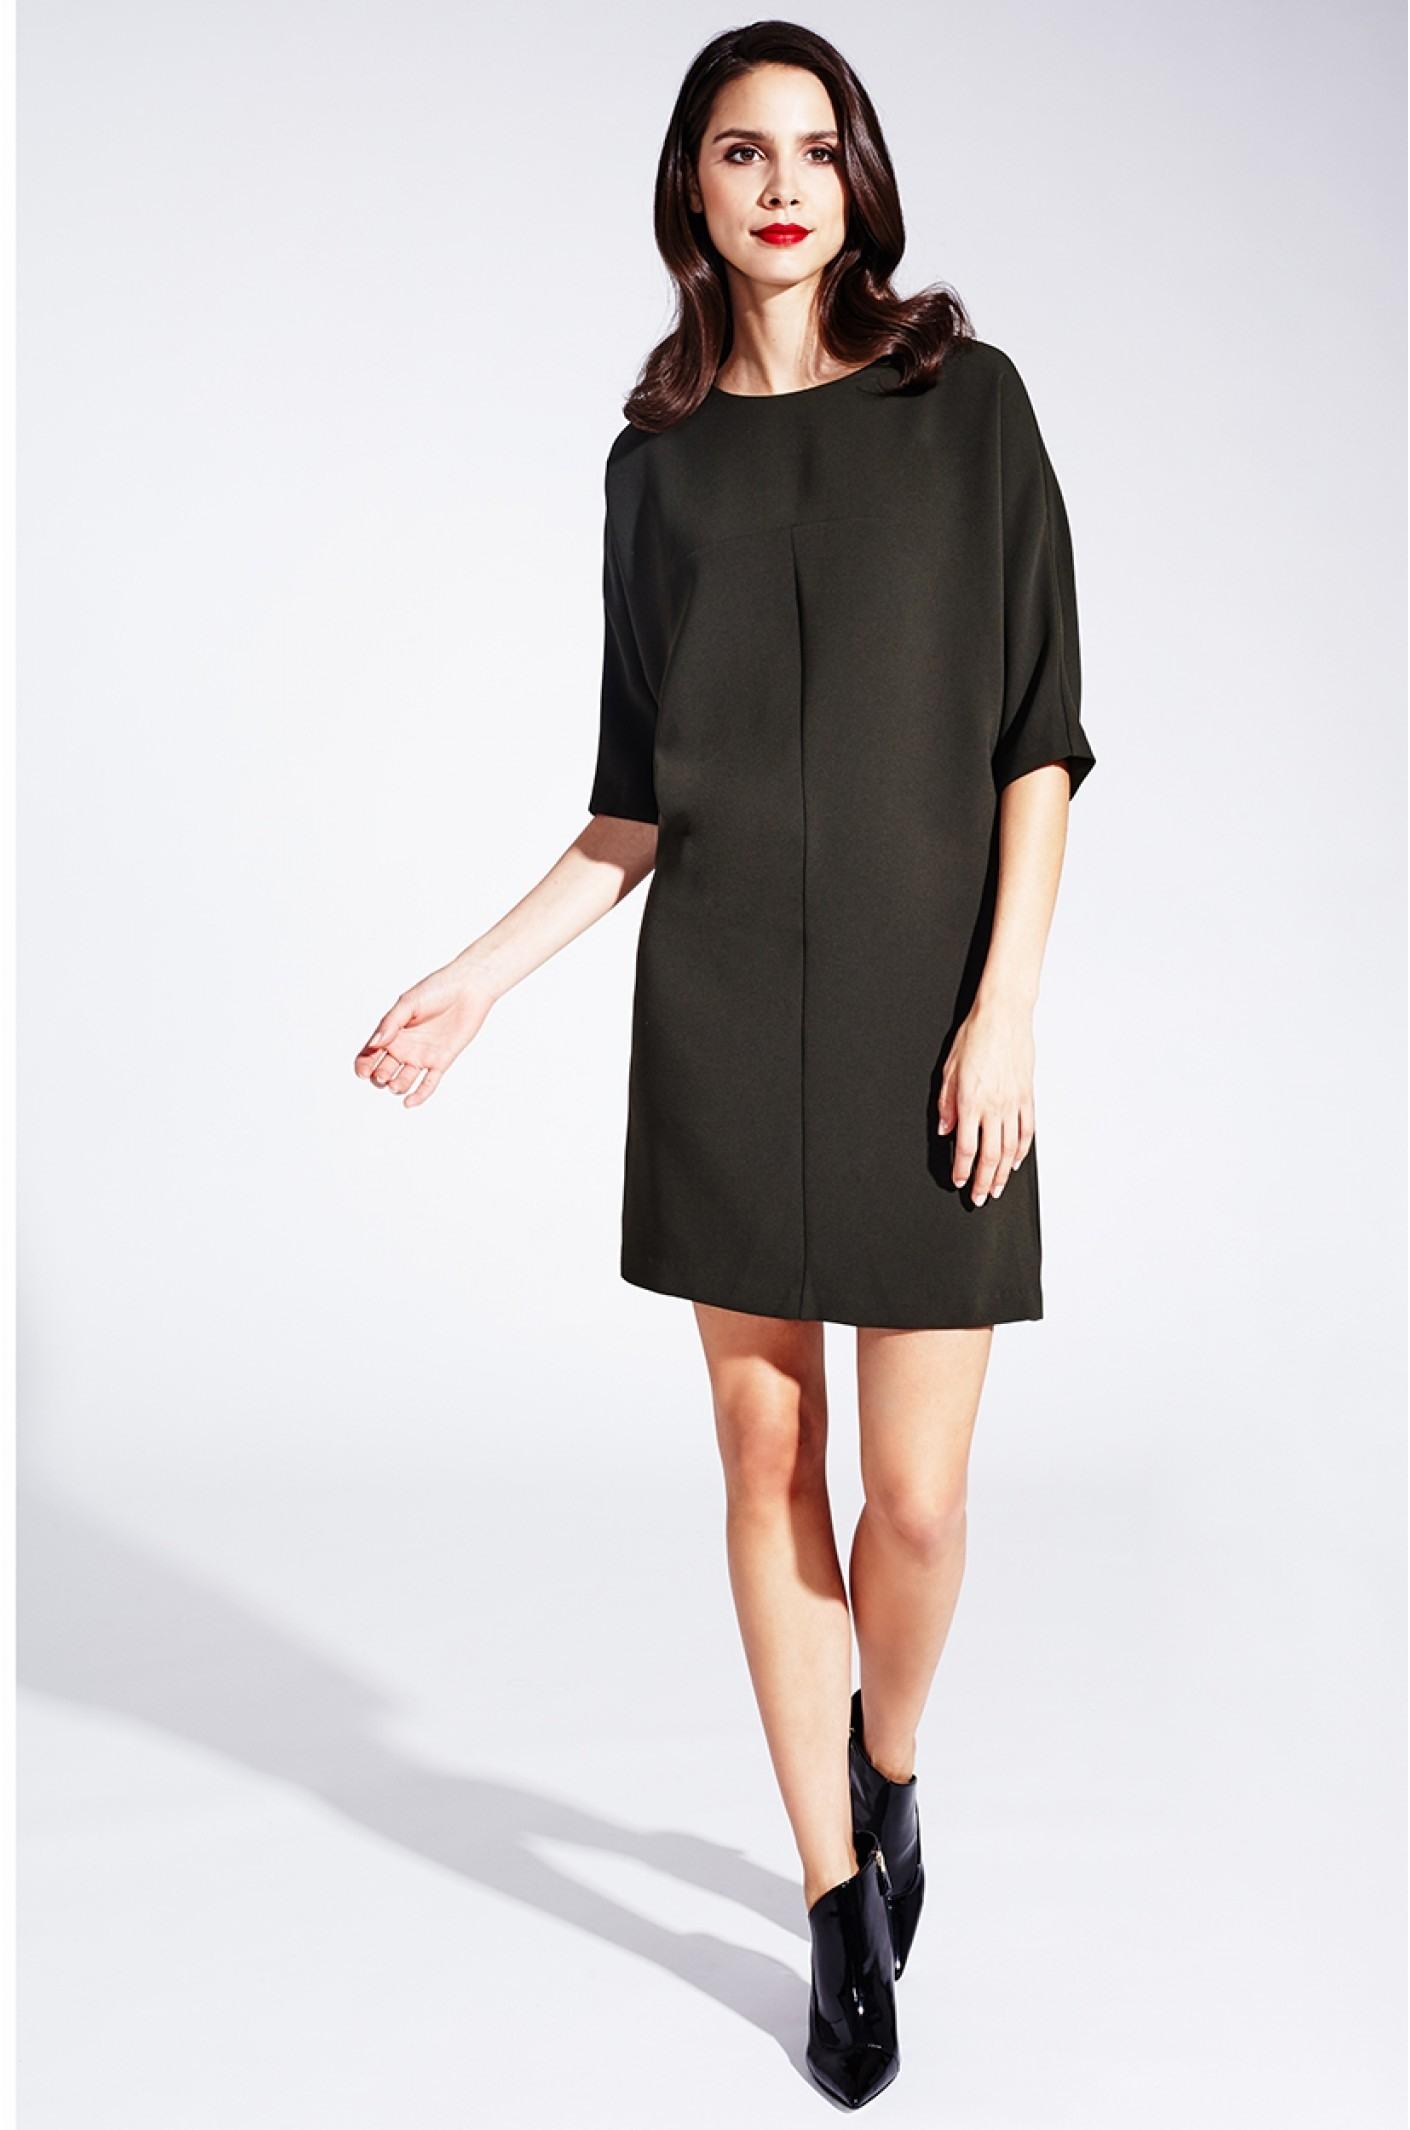 Abend Luxus Kleid Olivgrün Ärmel15 Großartig Kleid Olivgrün Galerie